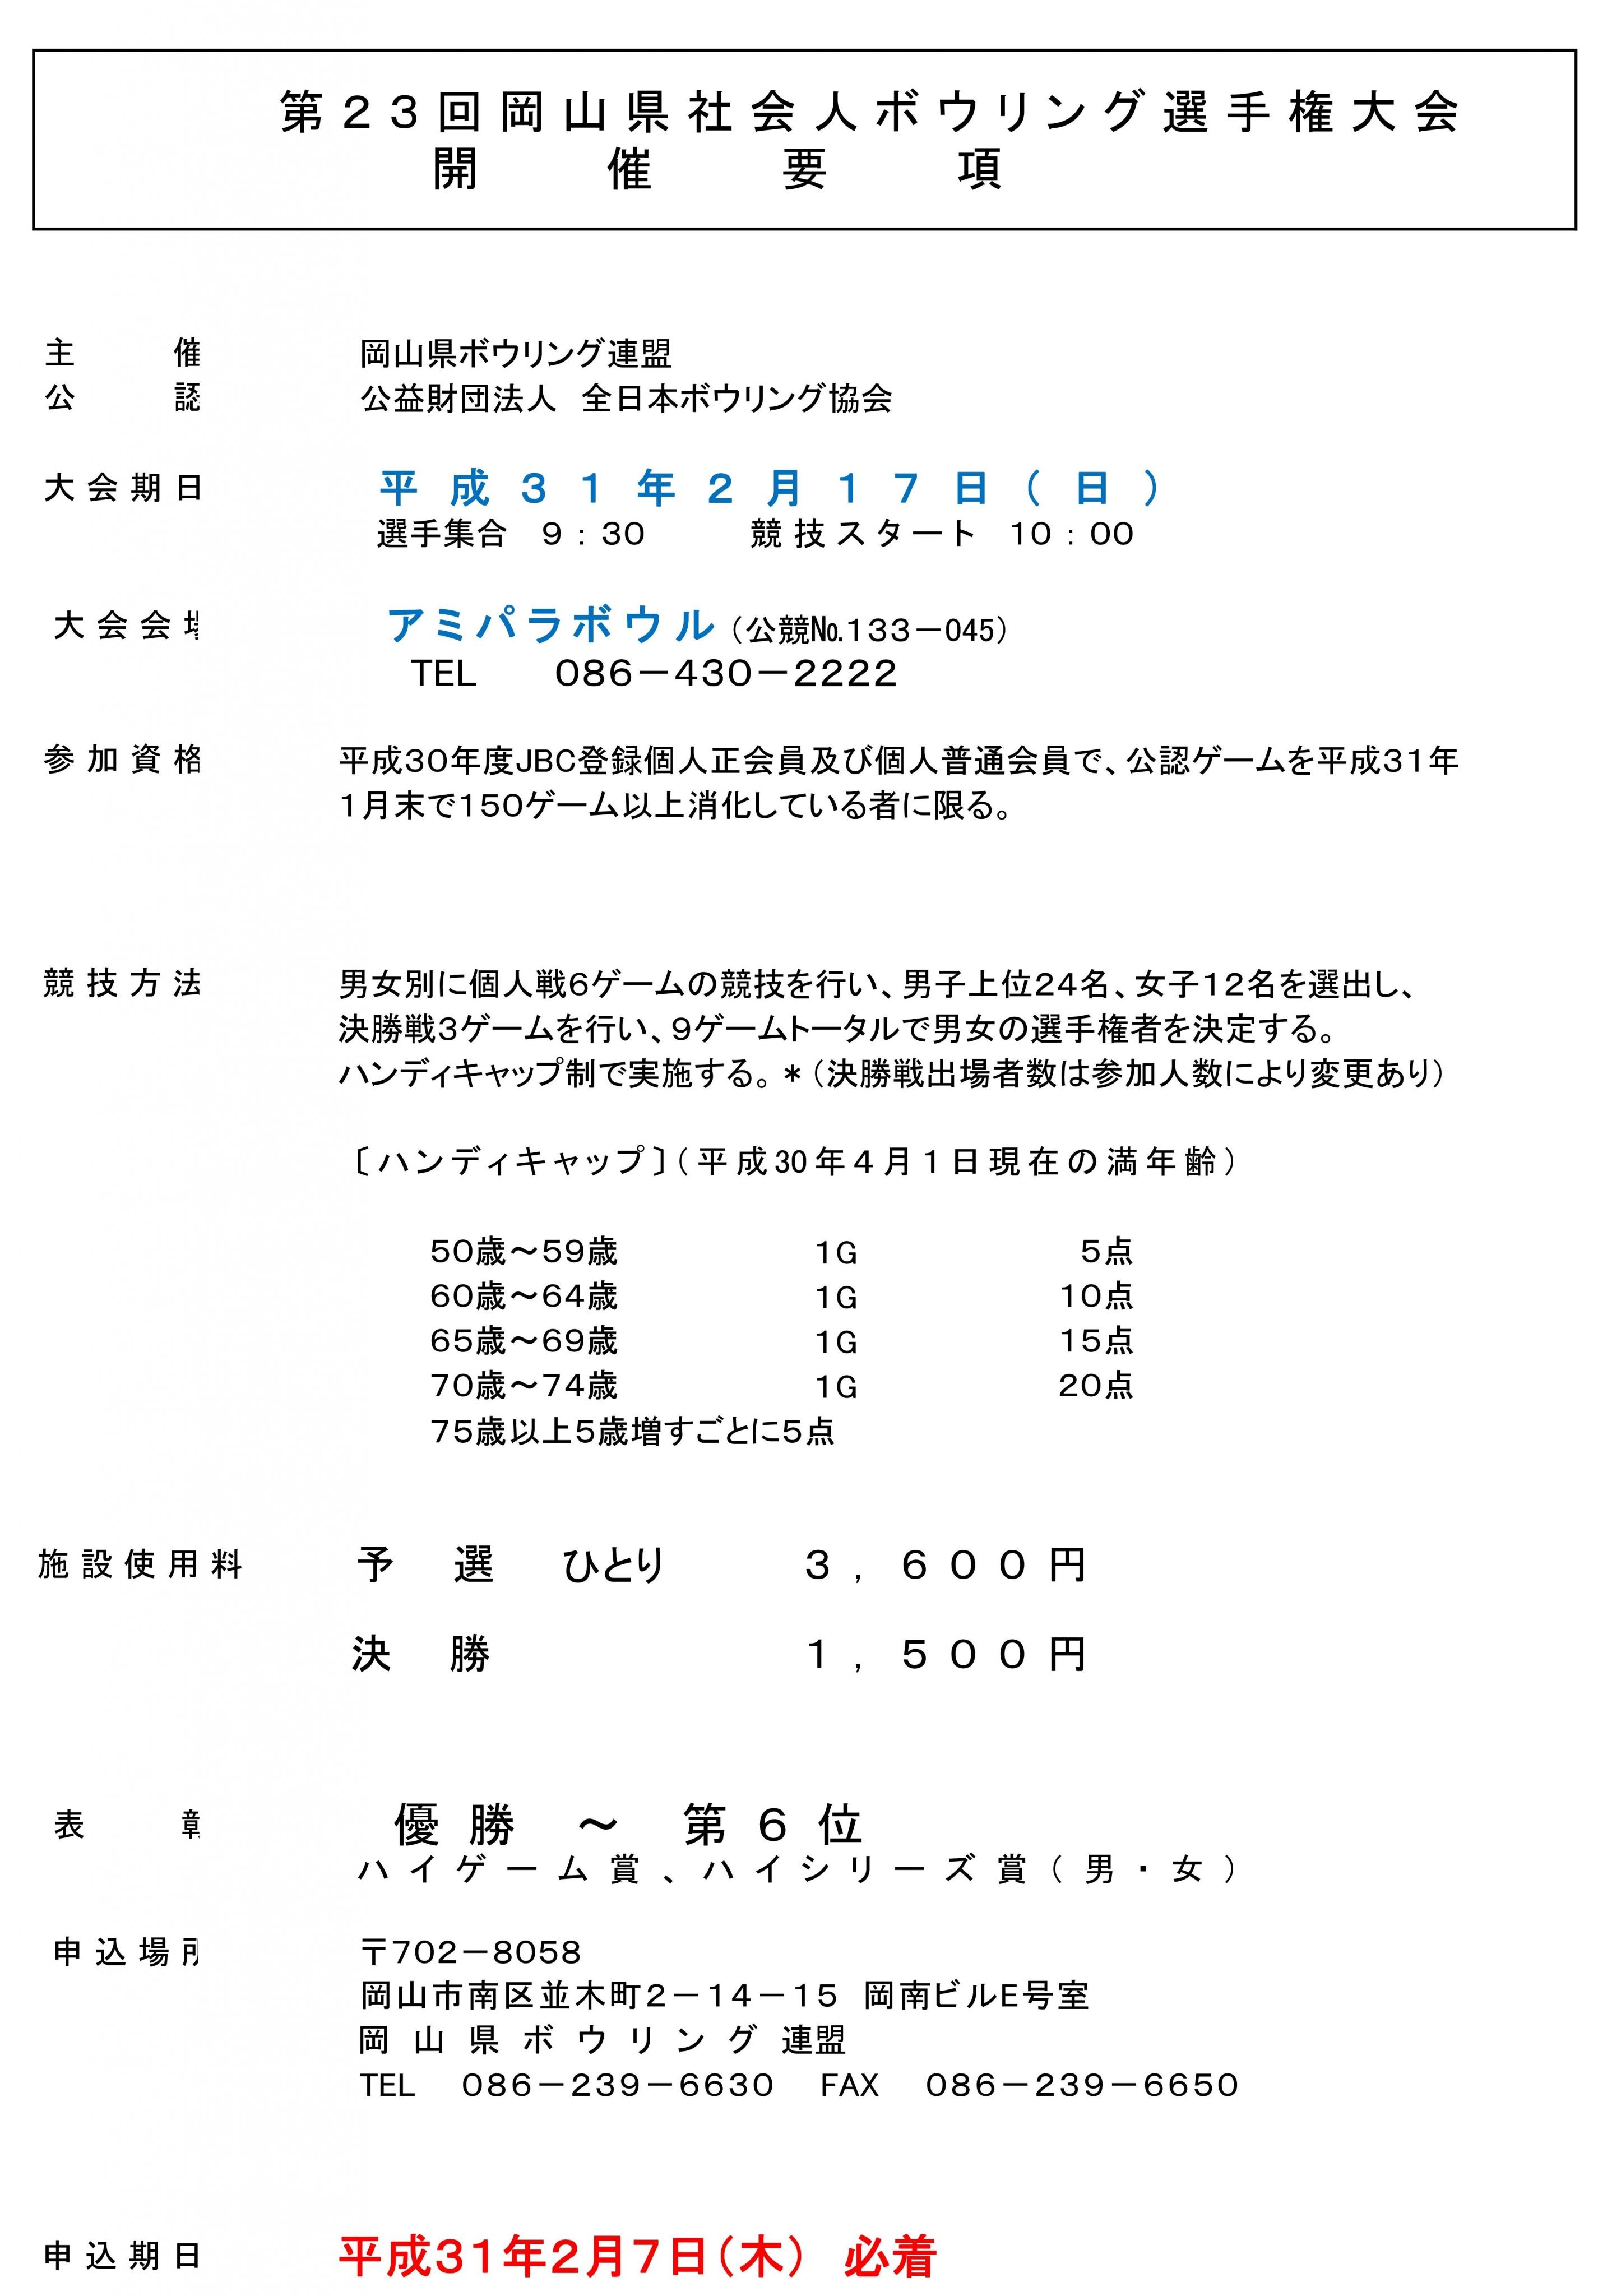 30.社会人選手権大会.jpg